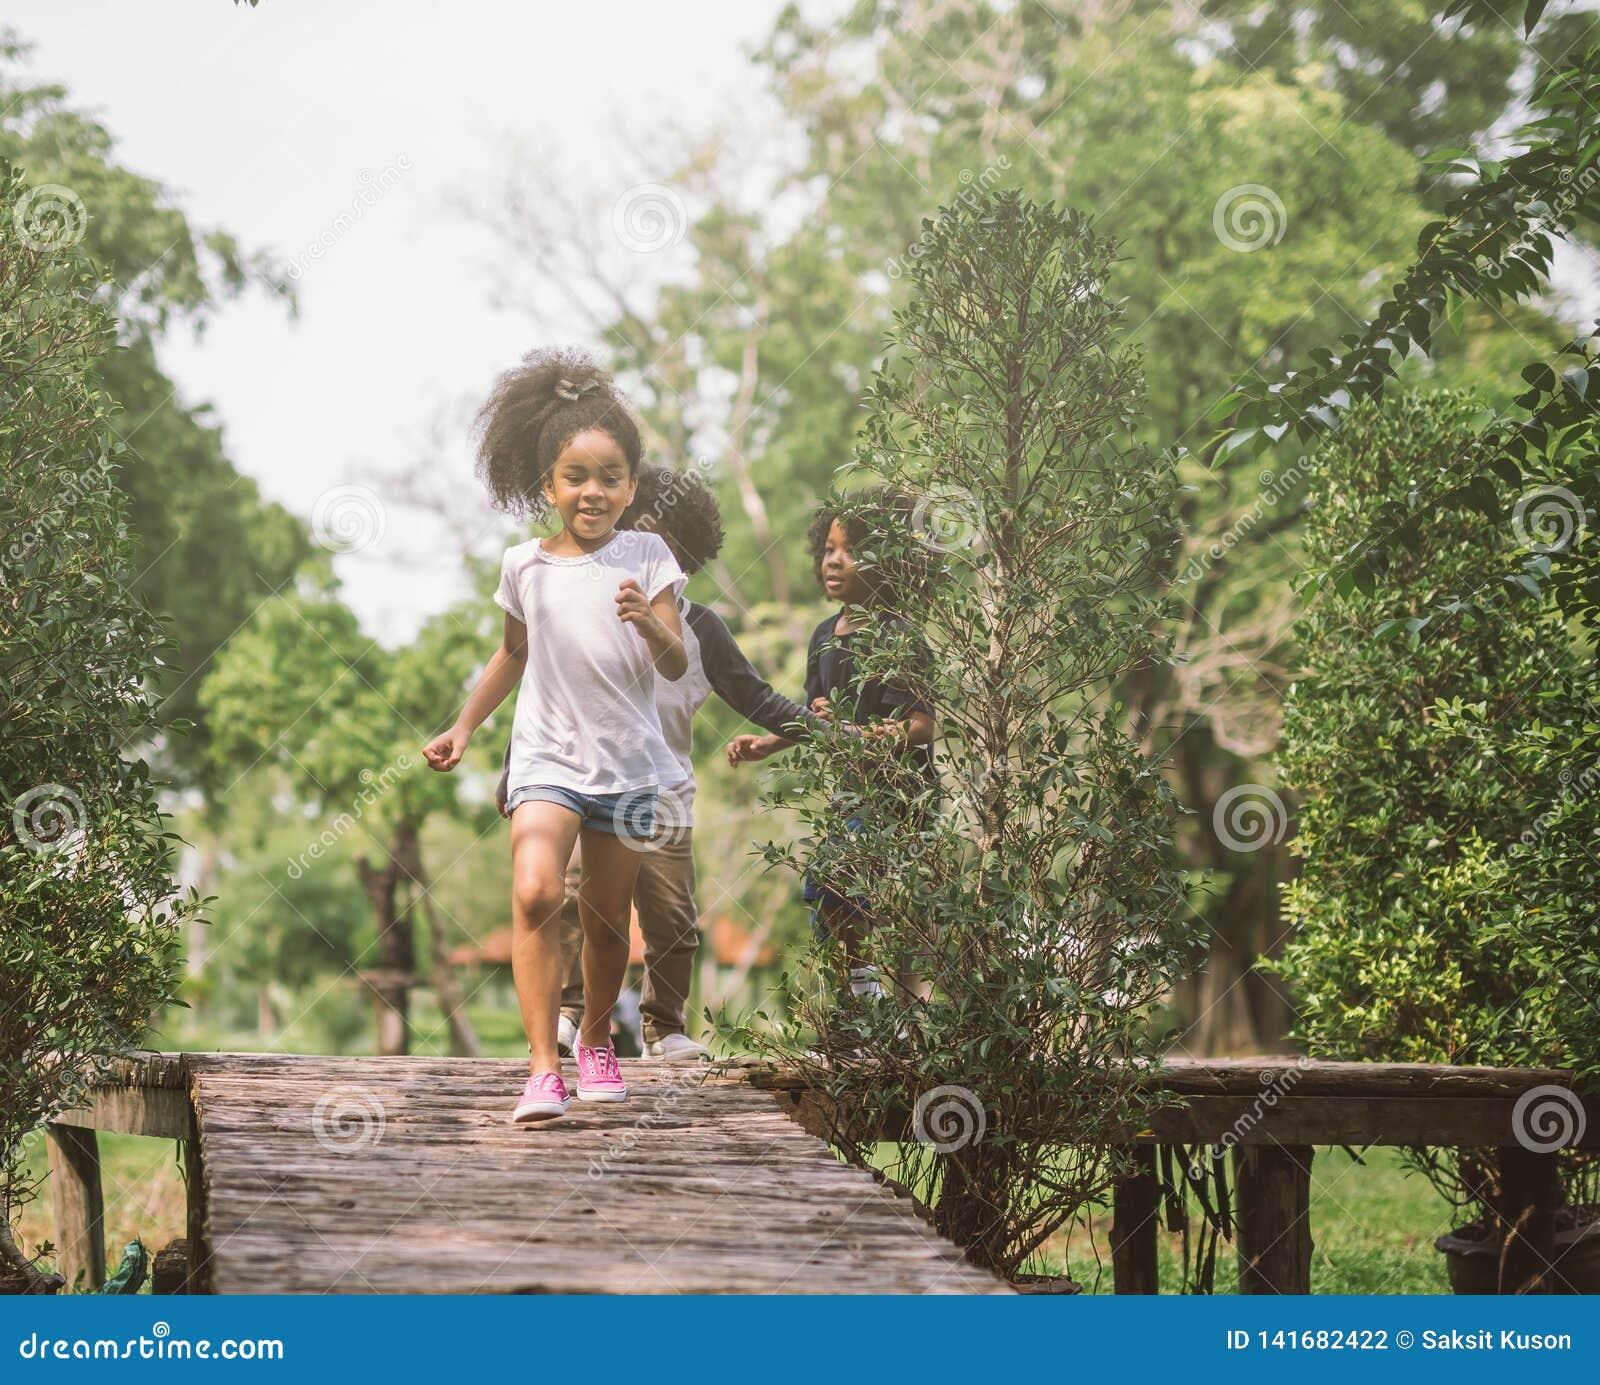 Crianças que jogam com amigos Crianças que correm no parque